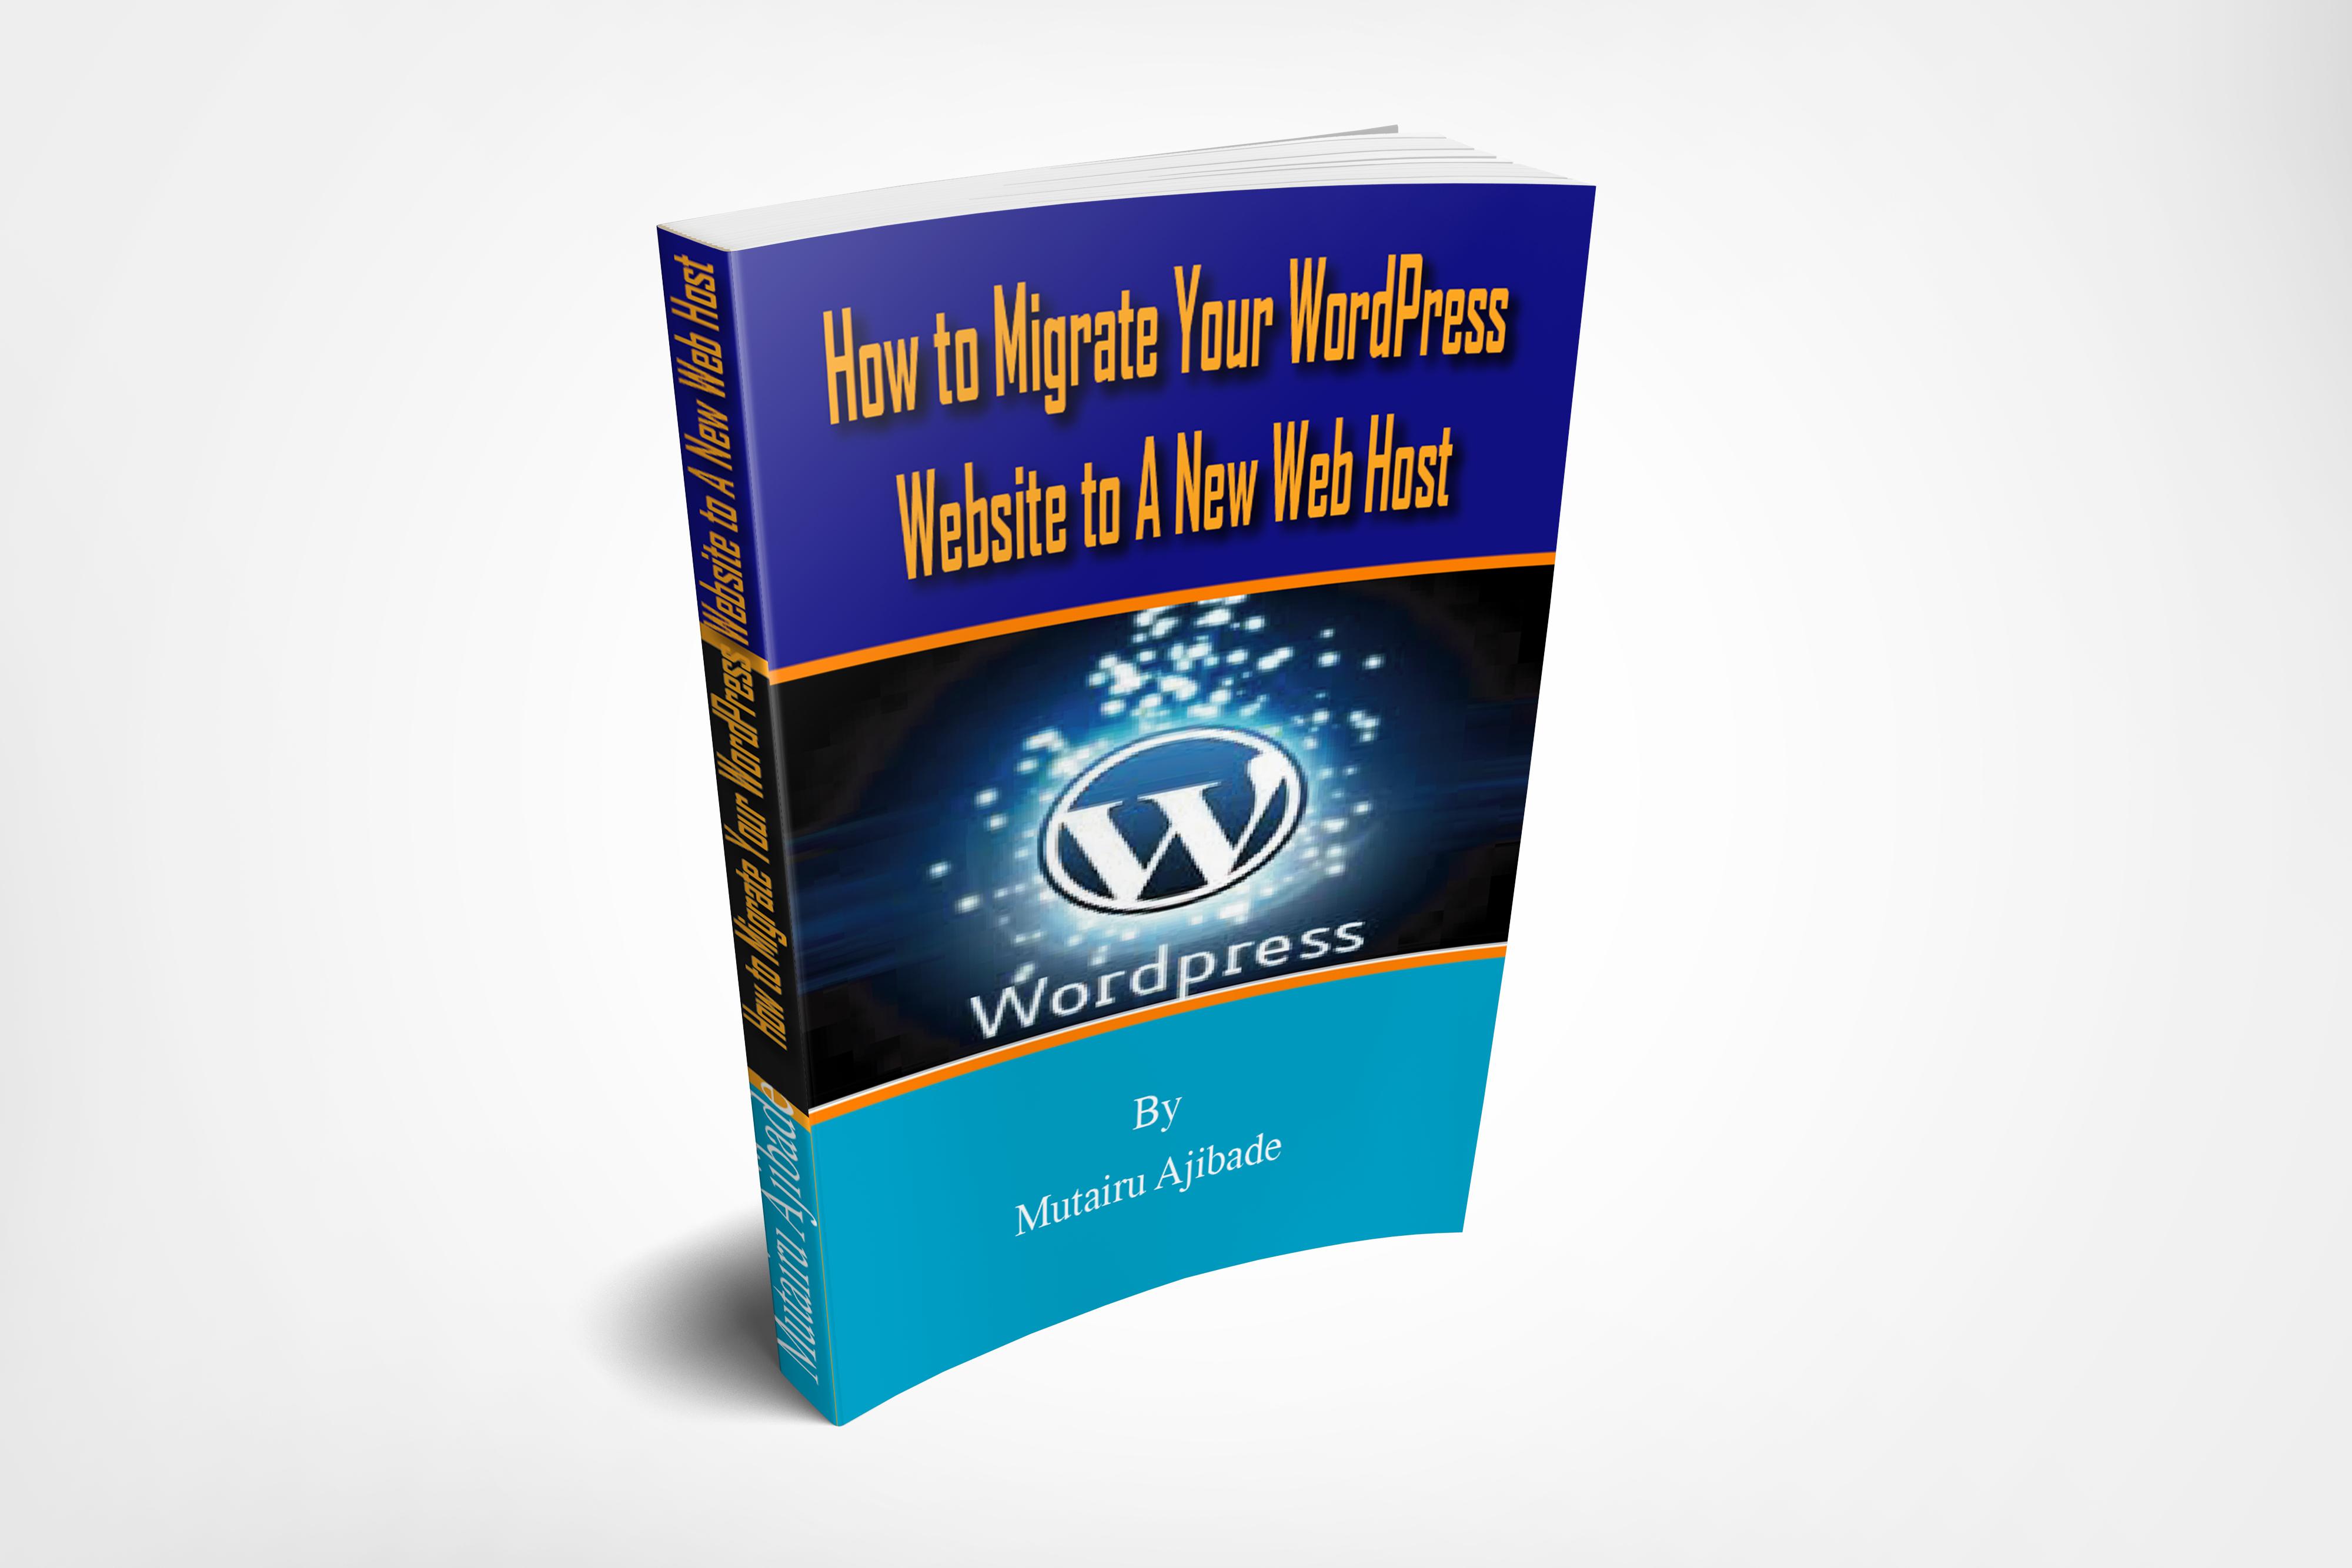 How to Migrate Your WordPress Website